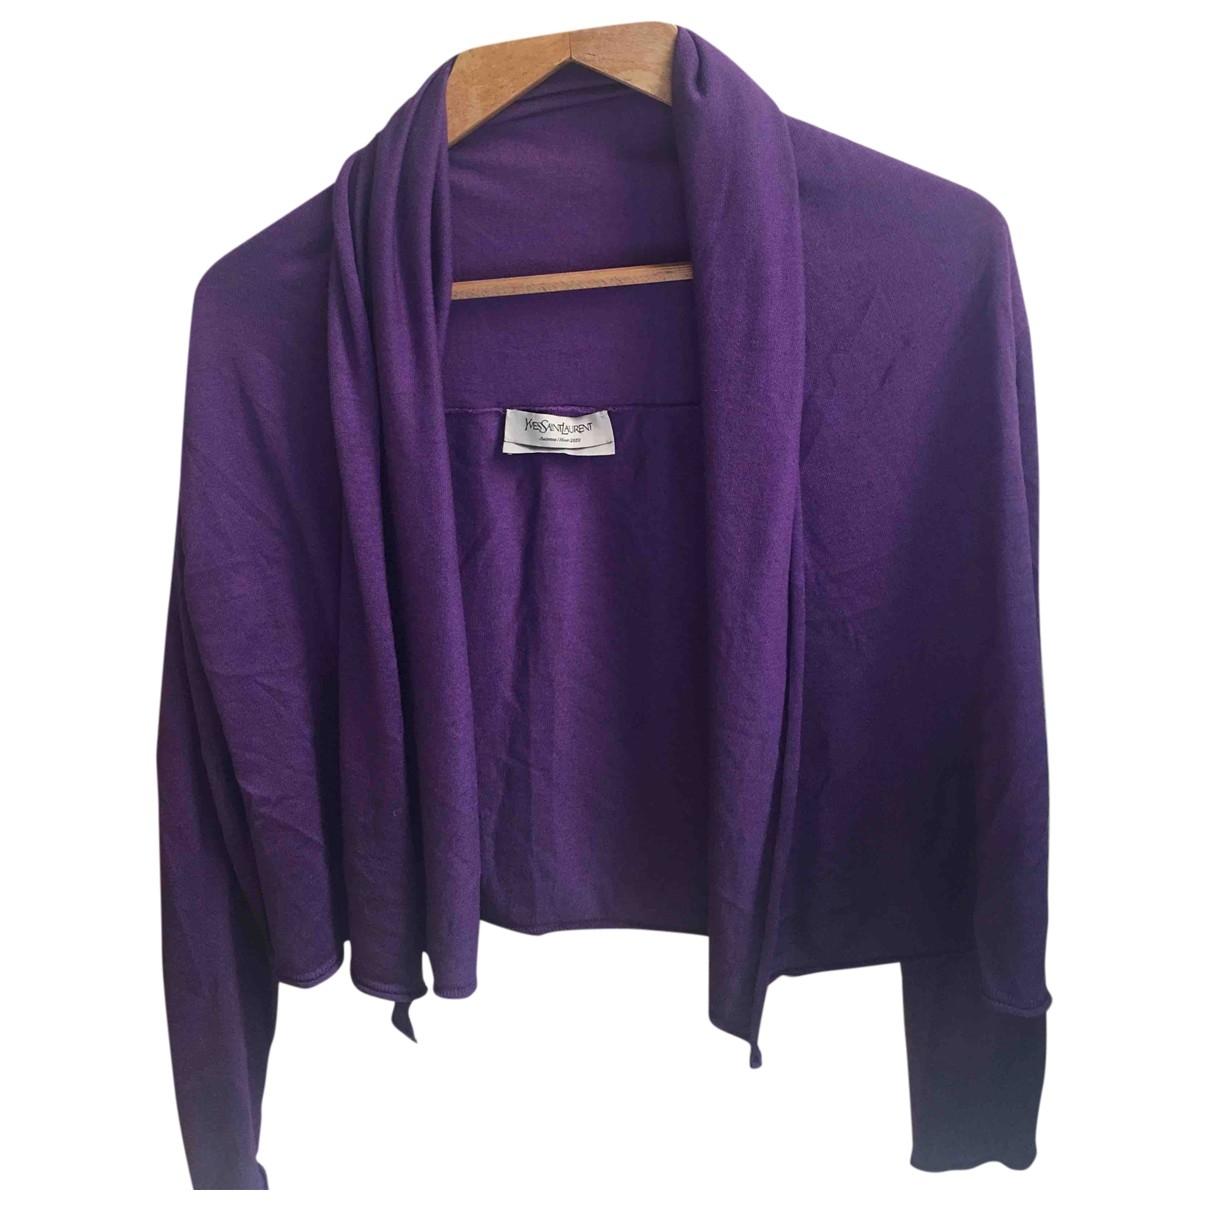 Yves Saint Laurent - Pull   pour femme en laine - violet